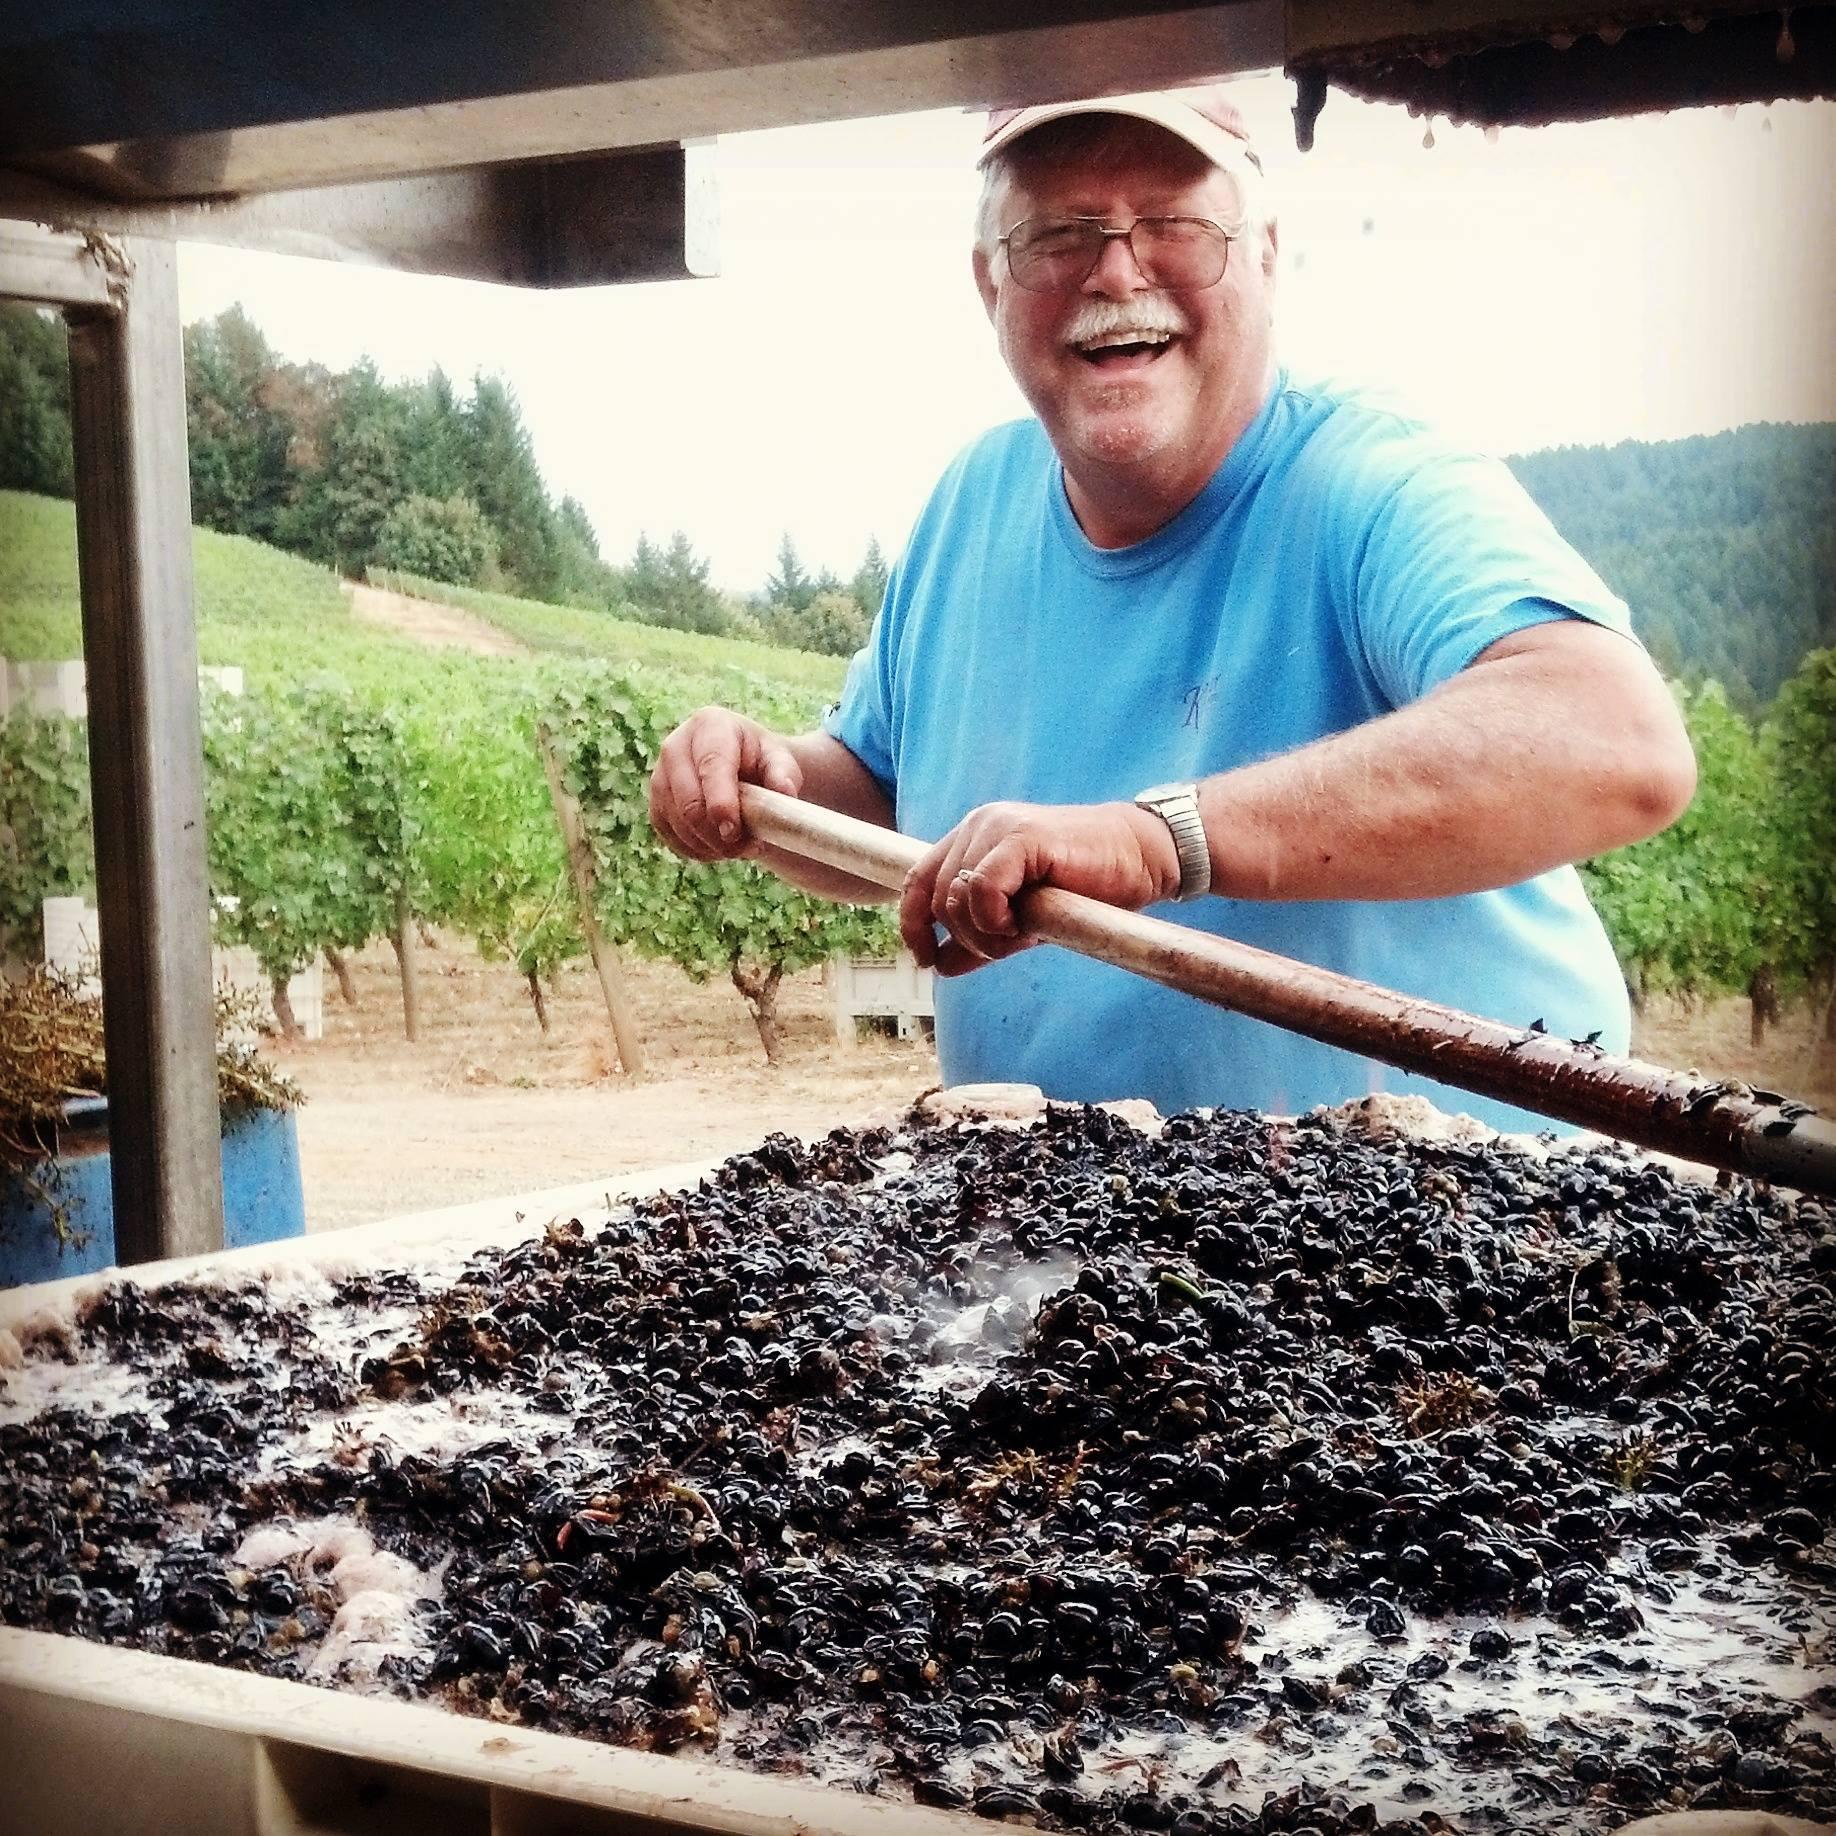 Just a killer photo of the Kramer Vineyards co-owner and vineyard manager, Keith Kramer, during harvest.